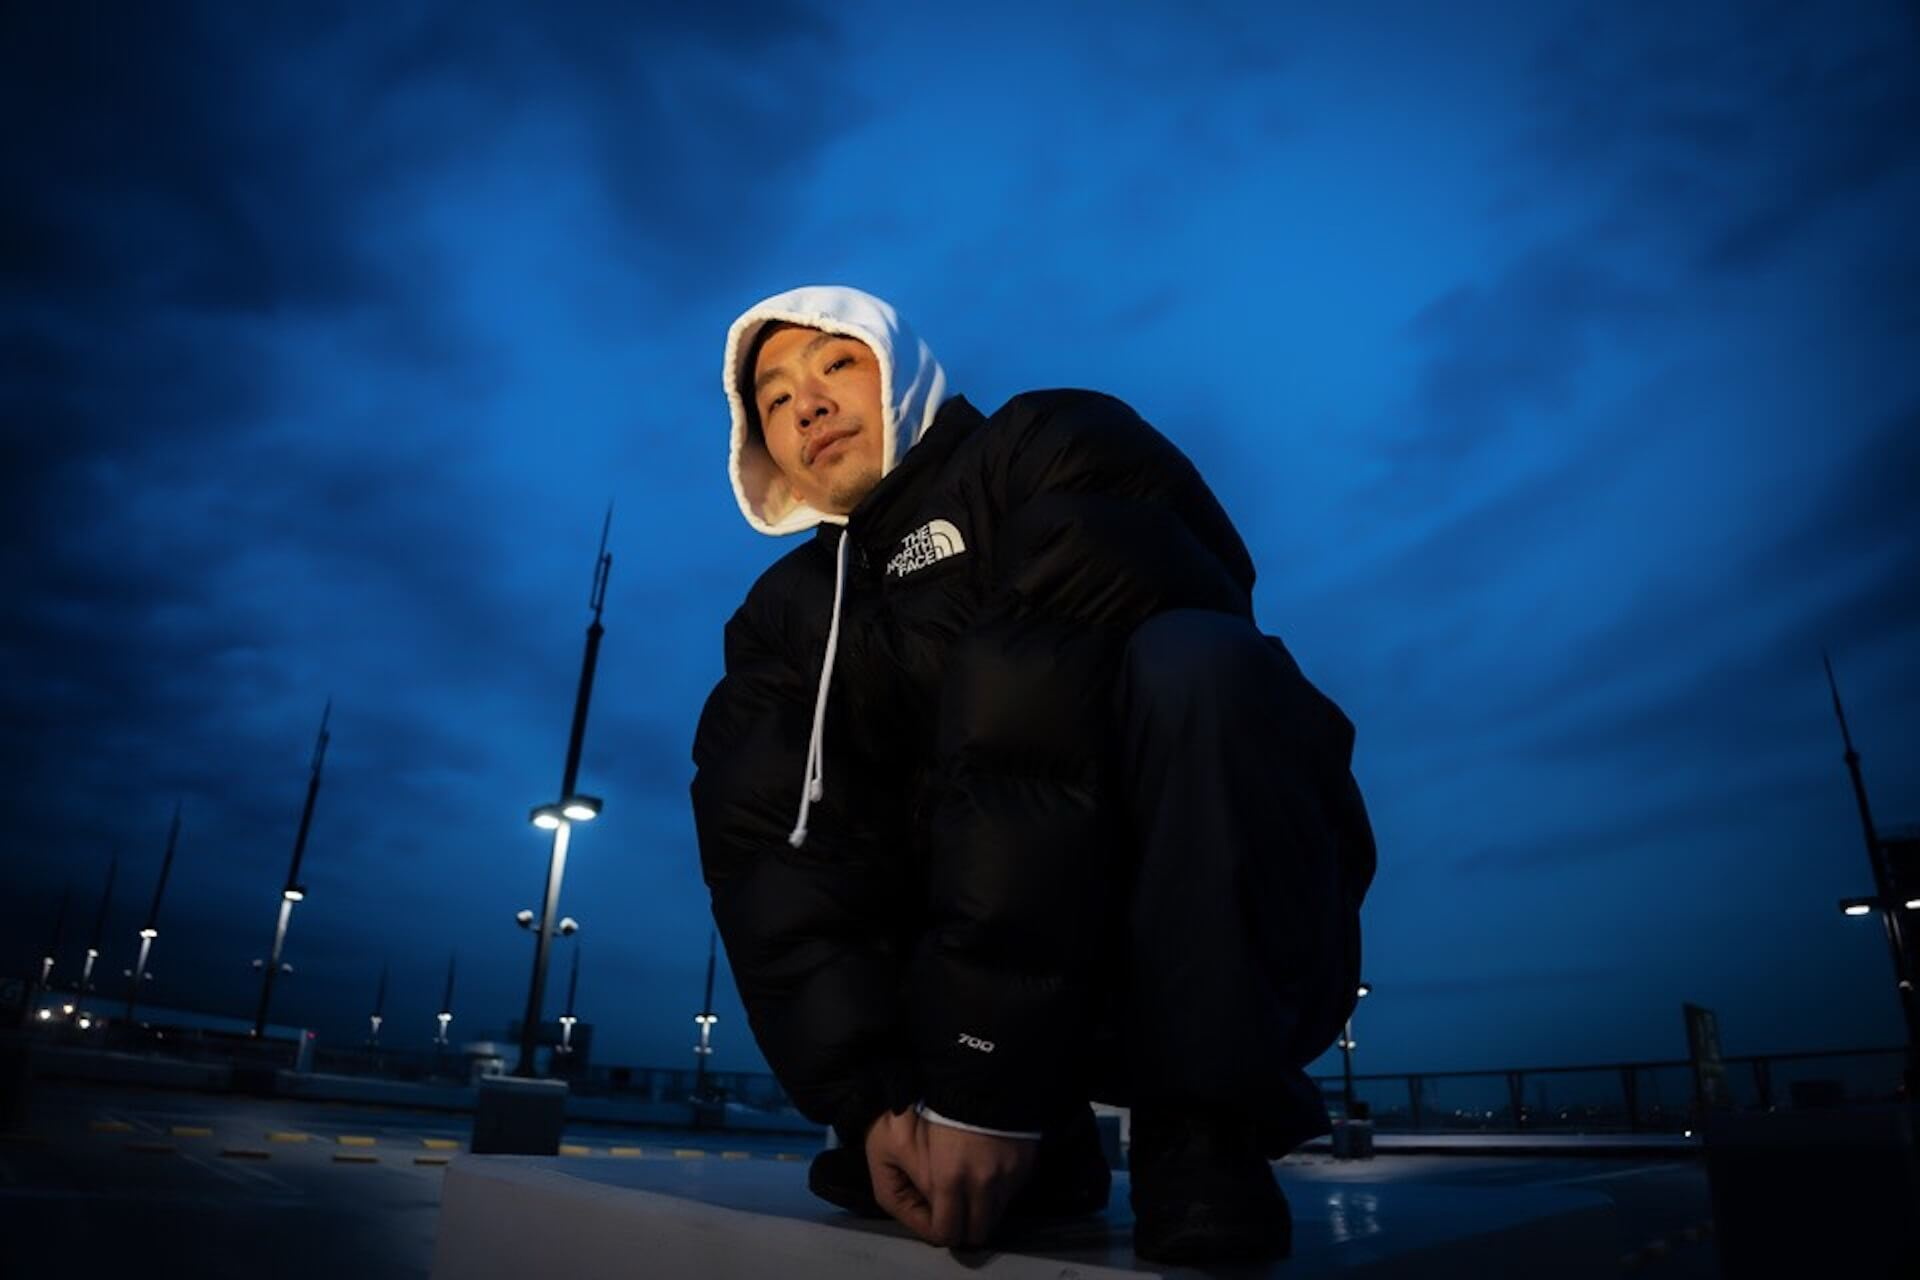 中目黒solfaの年末イベントに仙人掌、カウントダウンにJambo Lacquer&Olive Oilが登場 music201224-solfa-2020-5